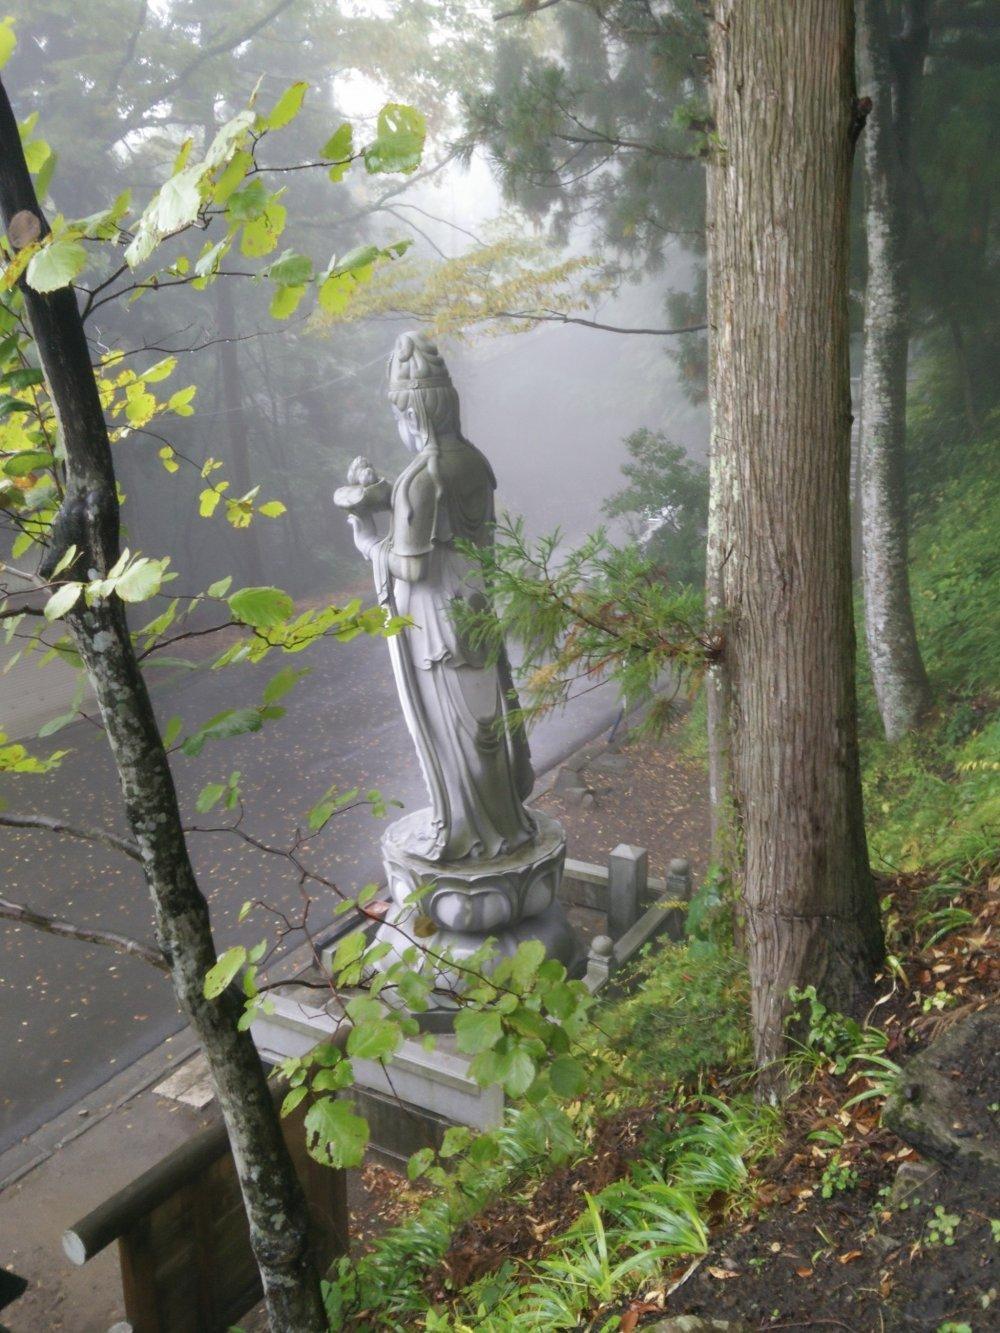 길의 꼭대기쪽에 닿으면 거대한 조각상이 반겨주고 있는 것을 볼 수 있다.